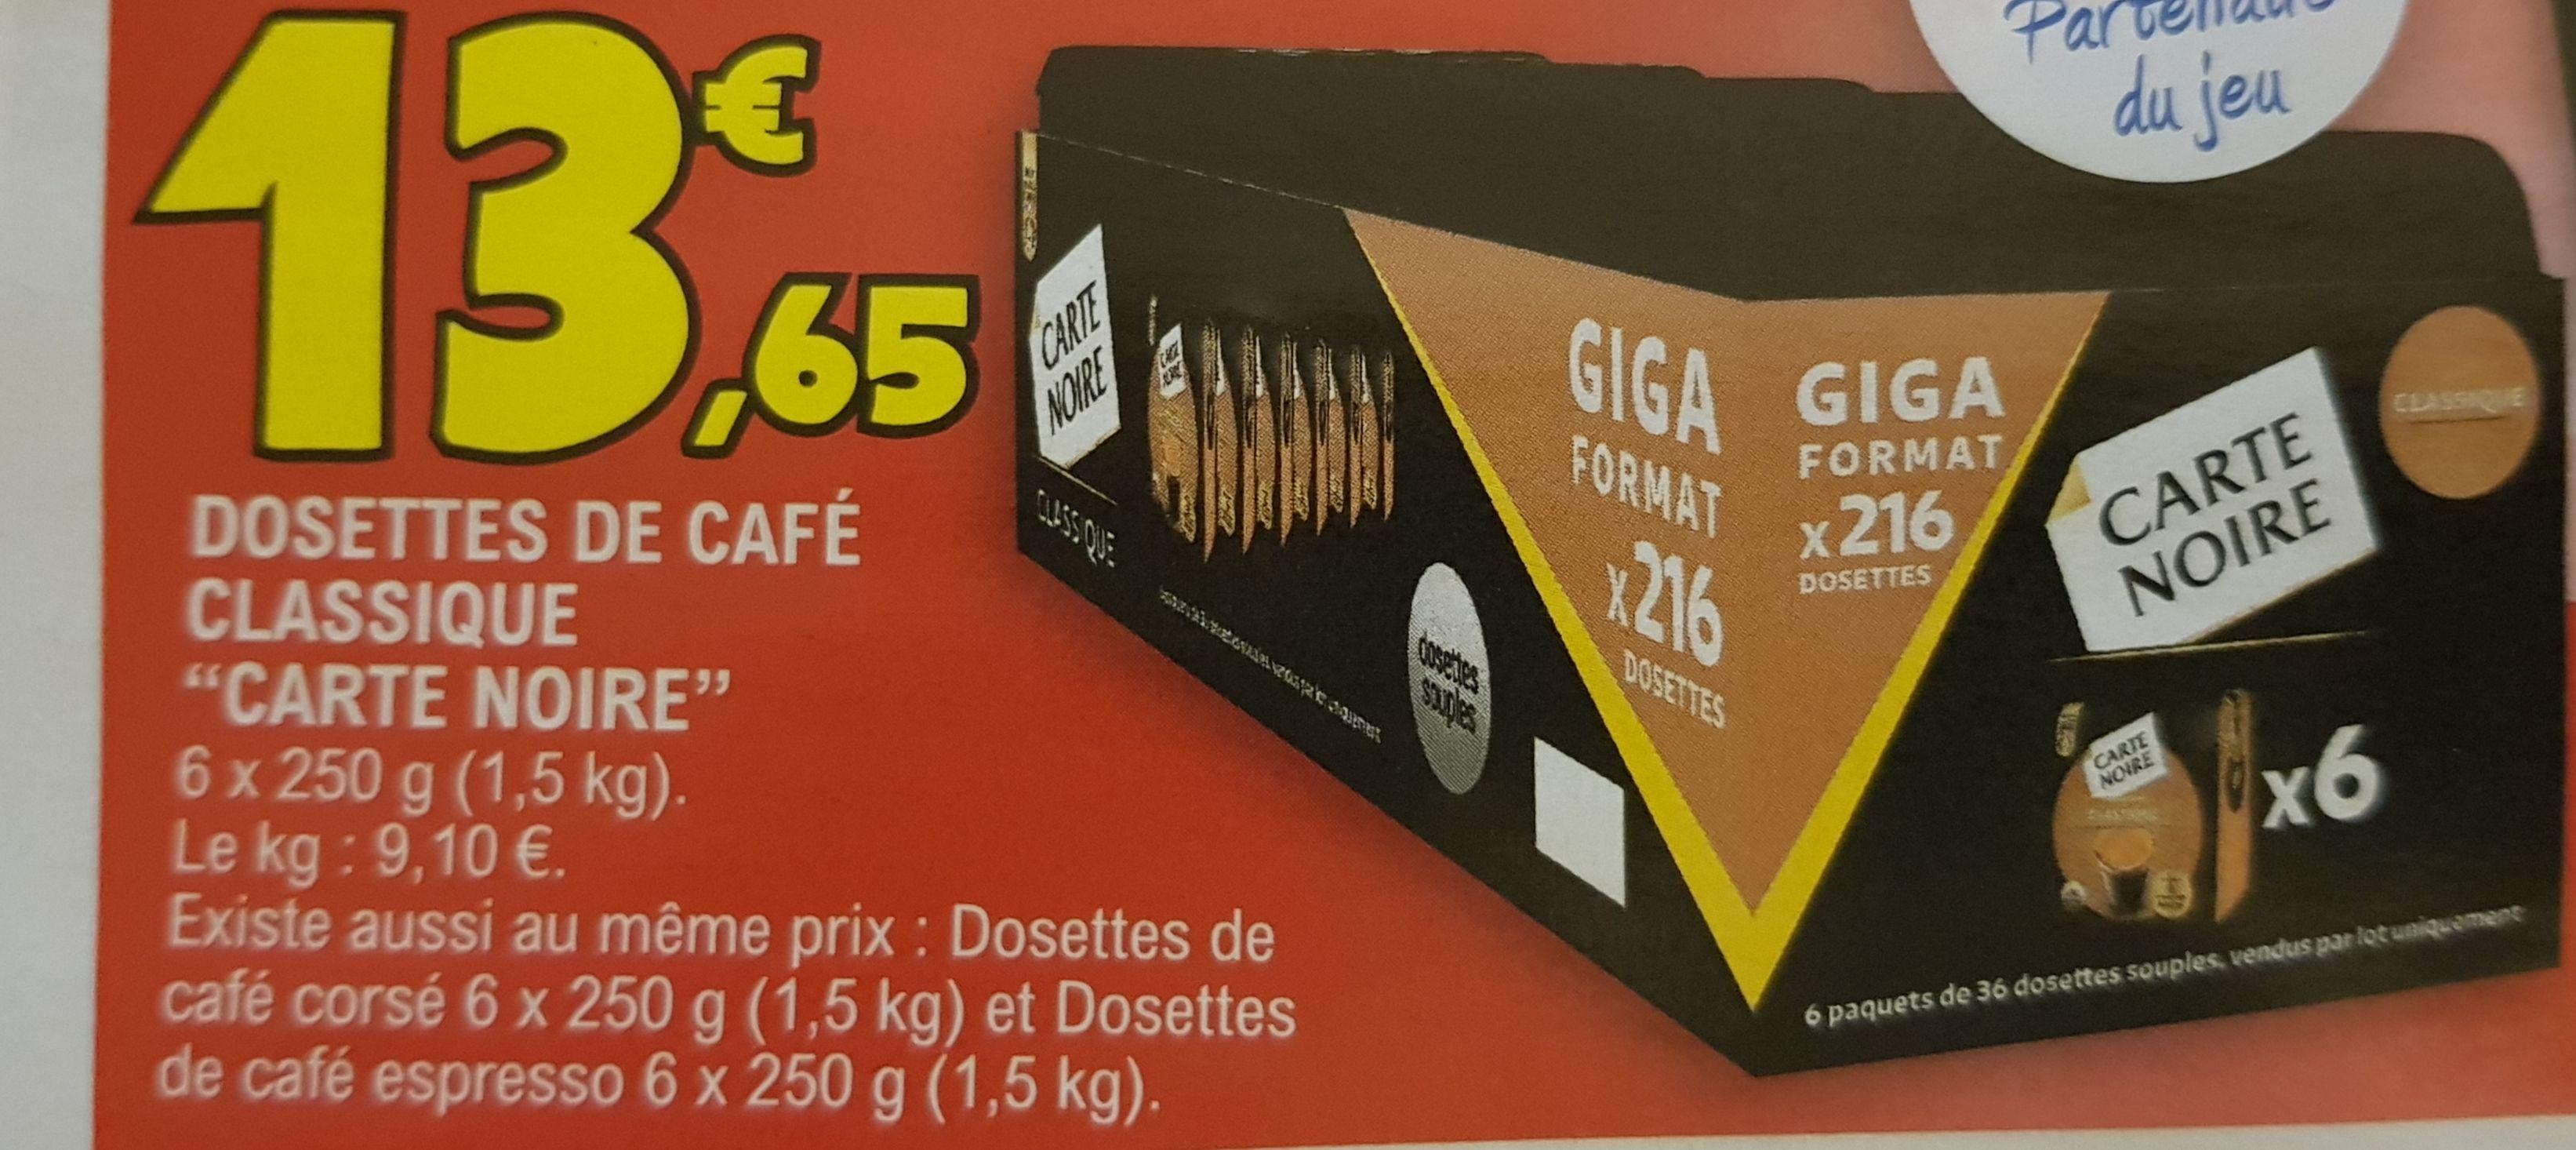 Lot de 216 dosettes Carte Noire senseo